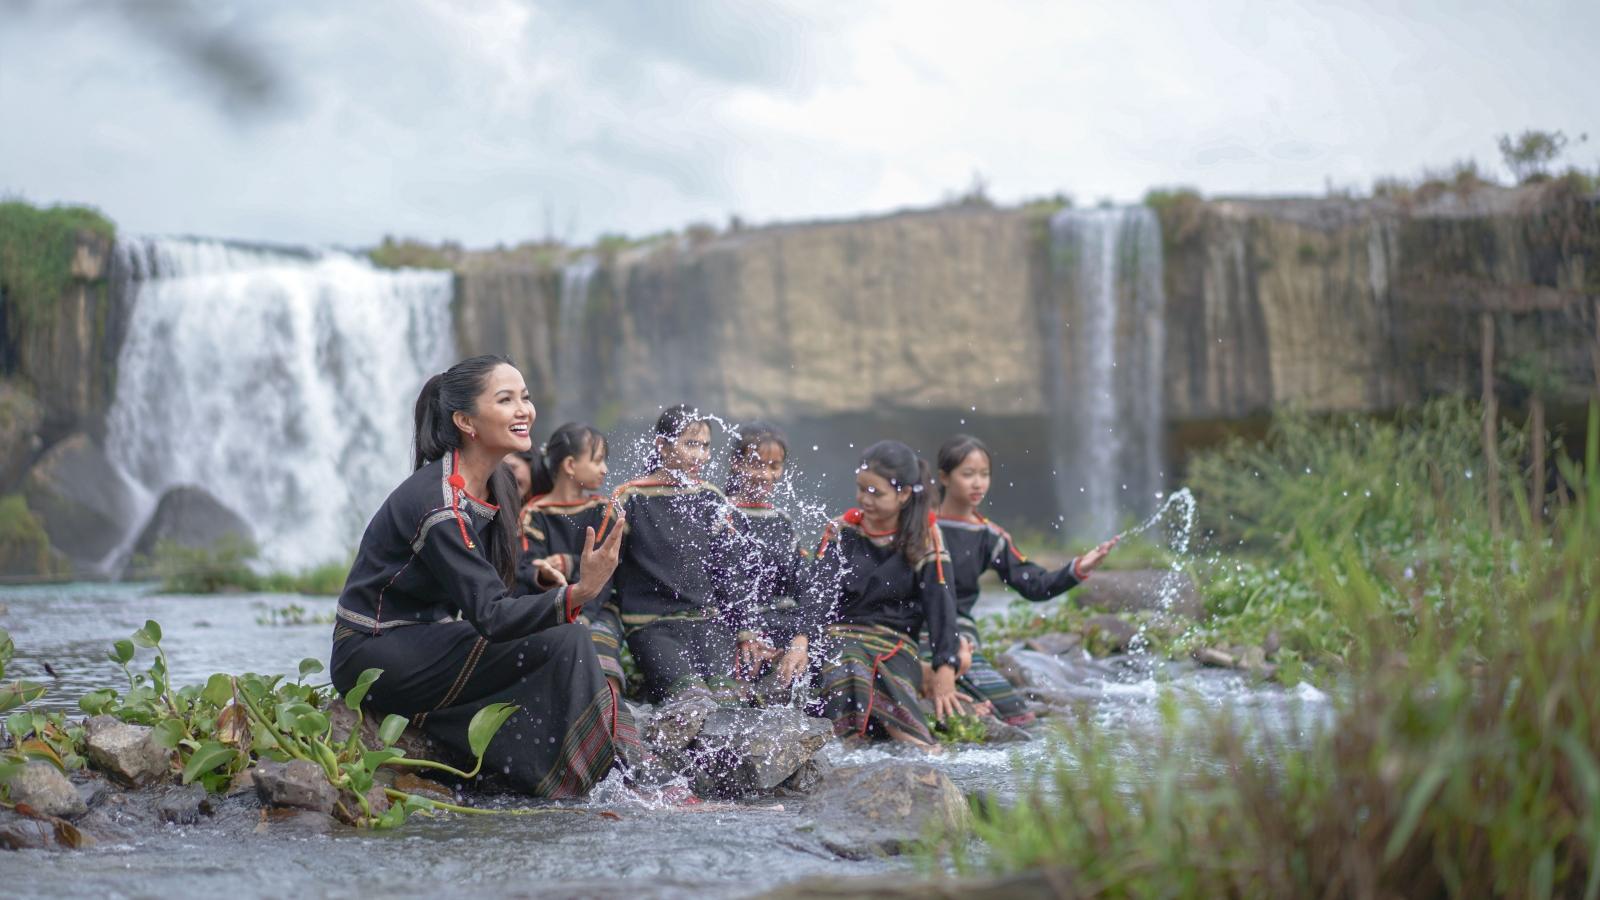 """Hoa hậu H'Hen Niê cover """"Vũ điệu rửa tay"""" cùng các cô gái dân tộc Êđê"""